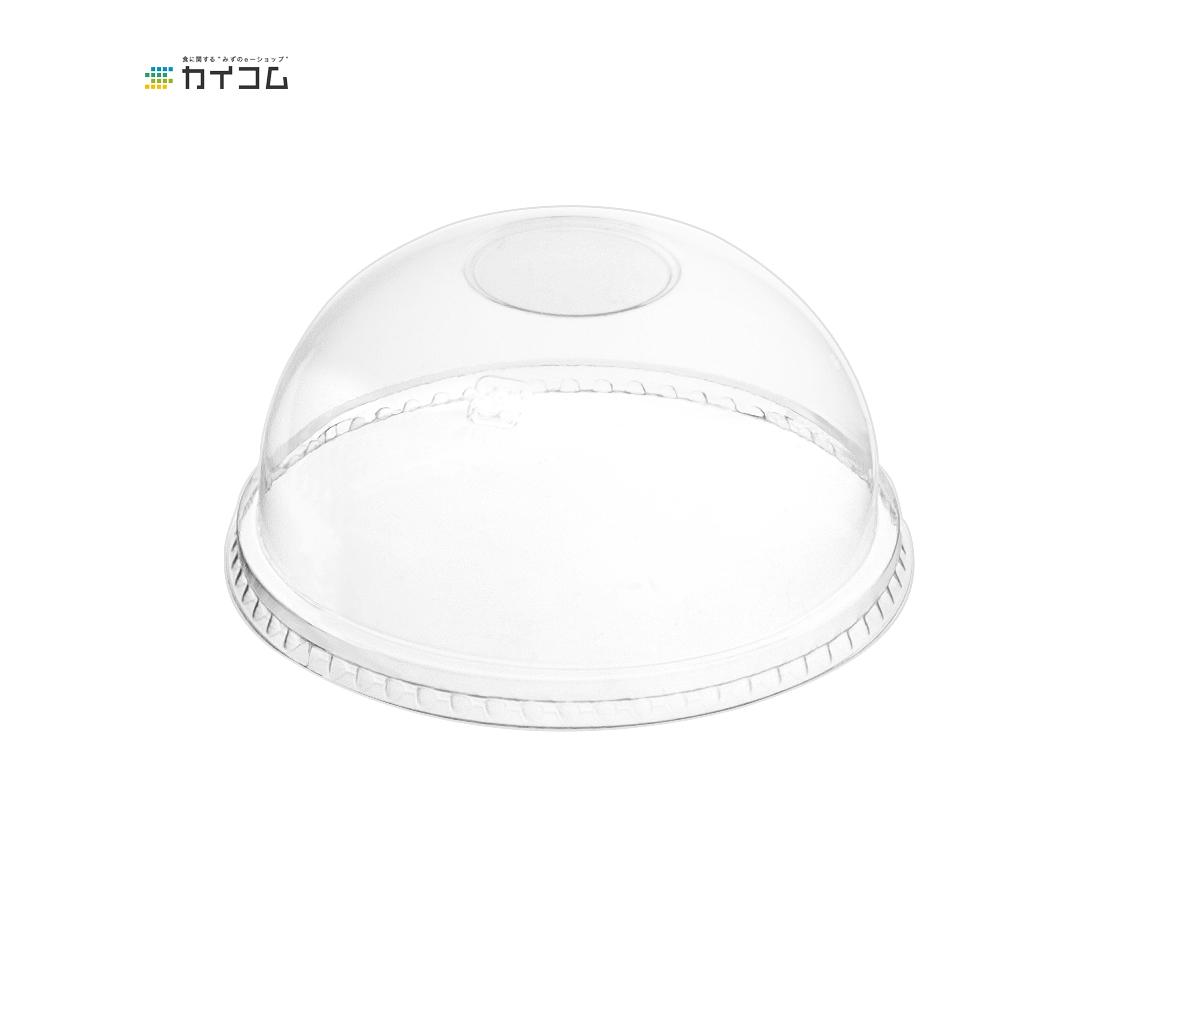 プラスチック 使い捨て 業務用 蓋 フタ CP98-F ドームアナナシフタサイズ : 98.2φ入数 : 2000個単価 : 4.78円(税抜)